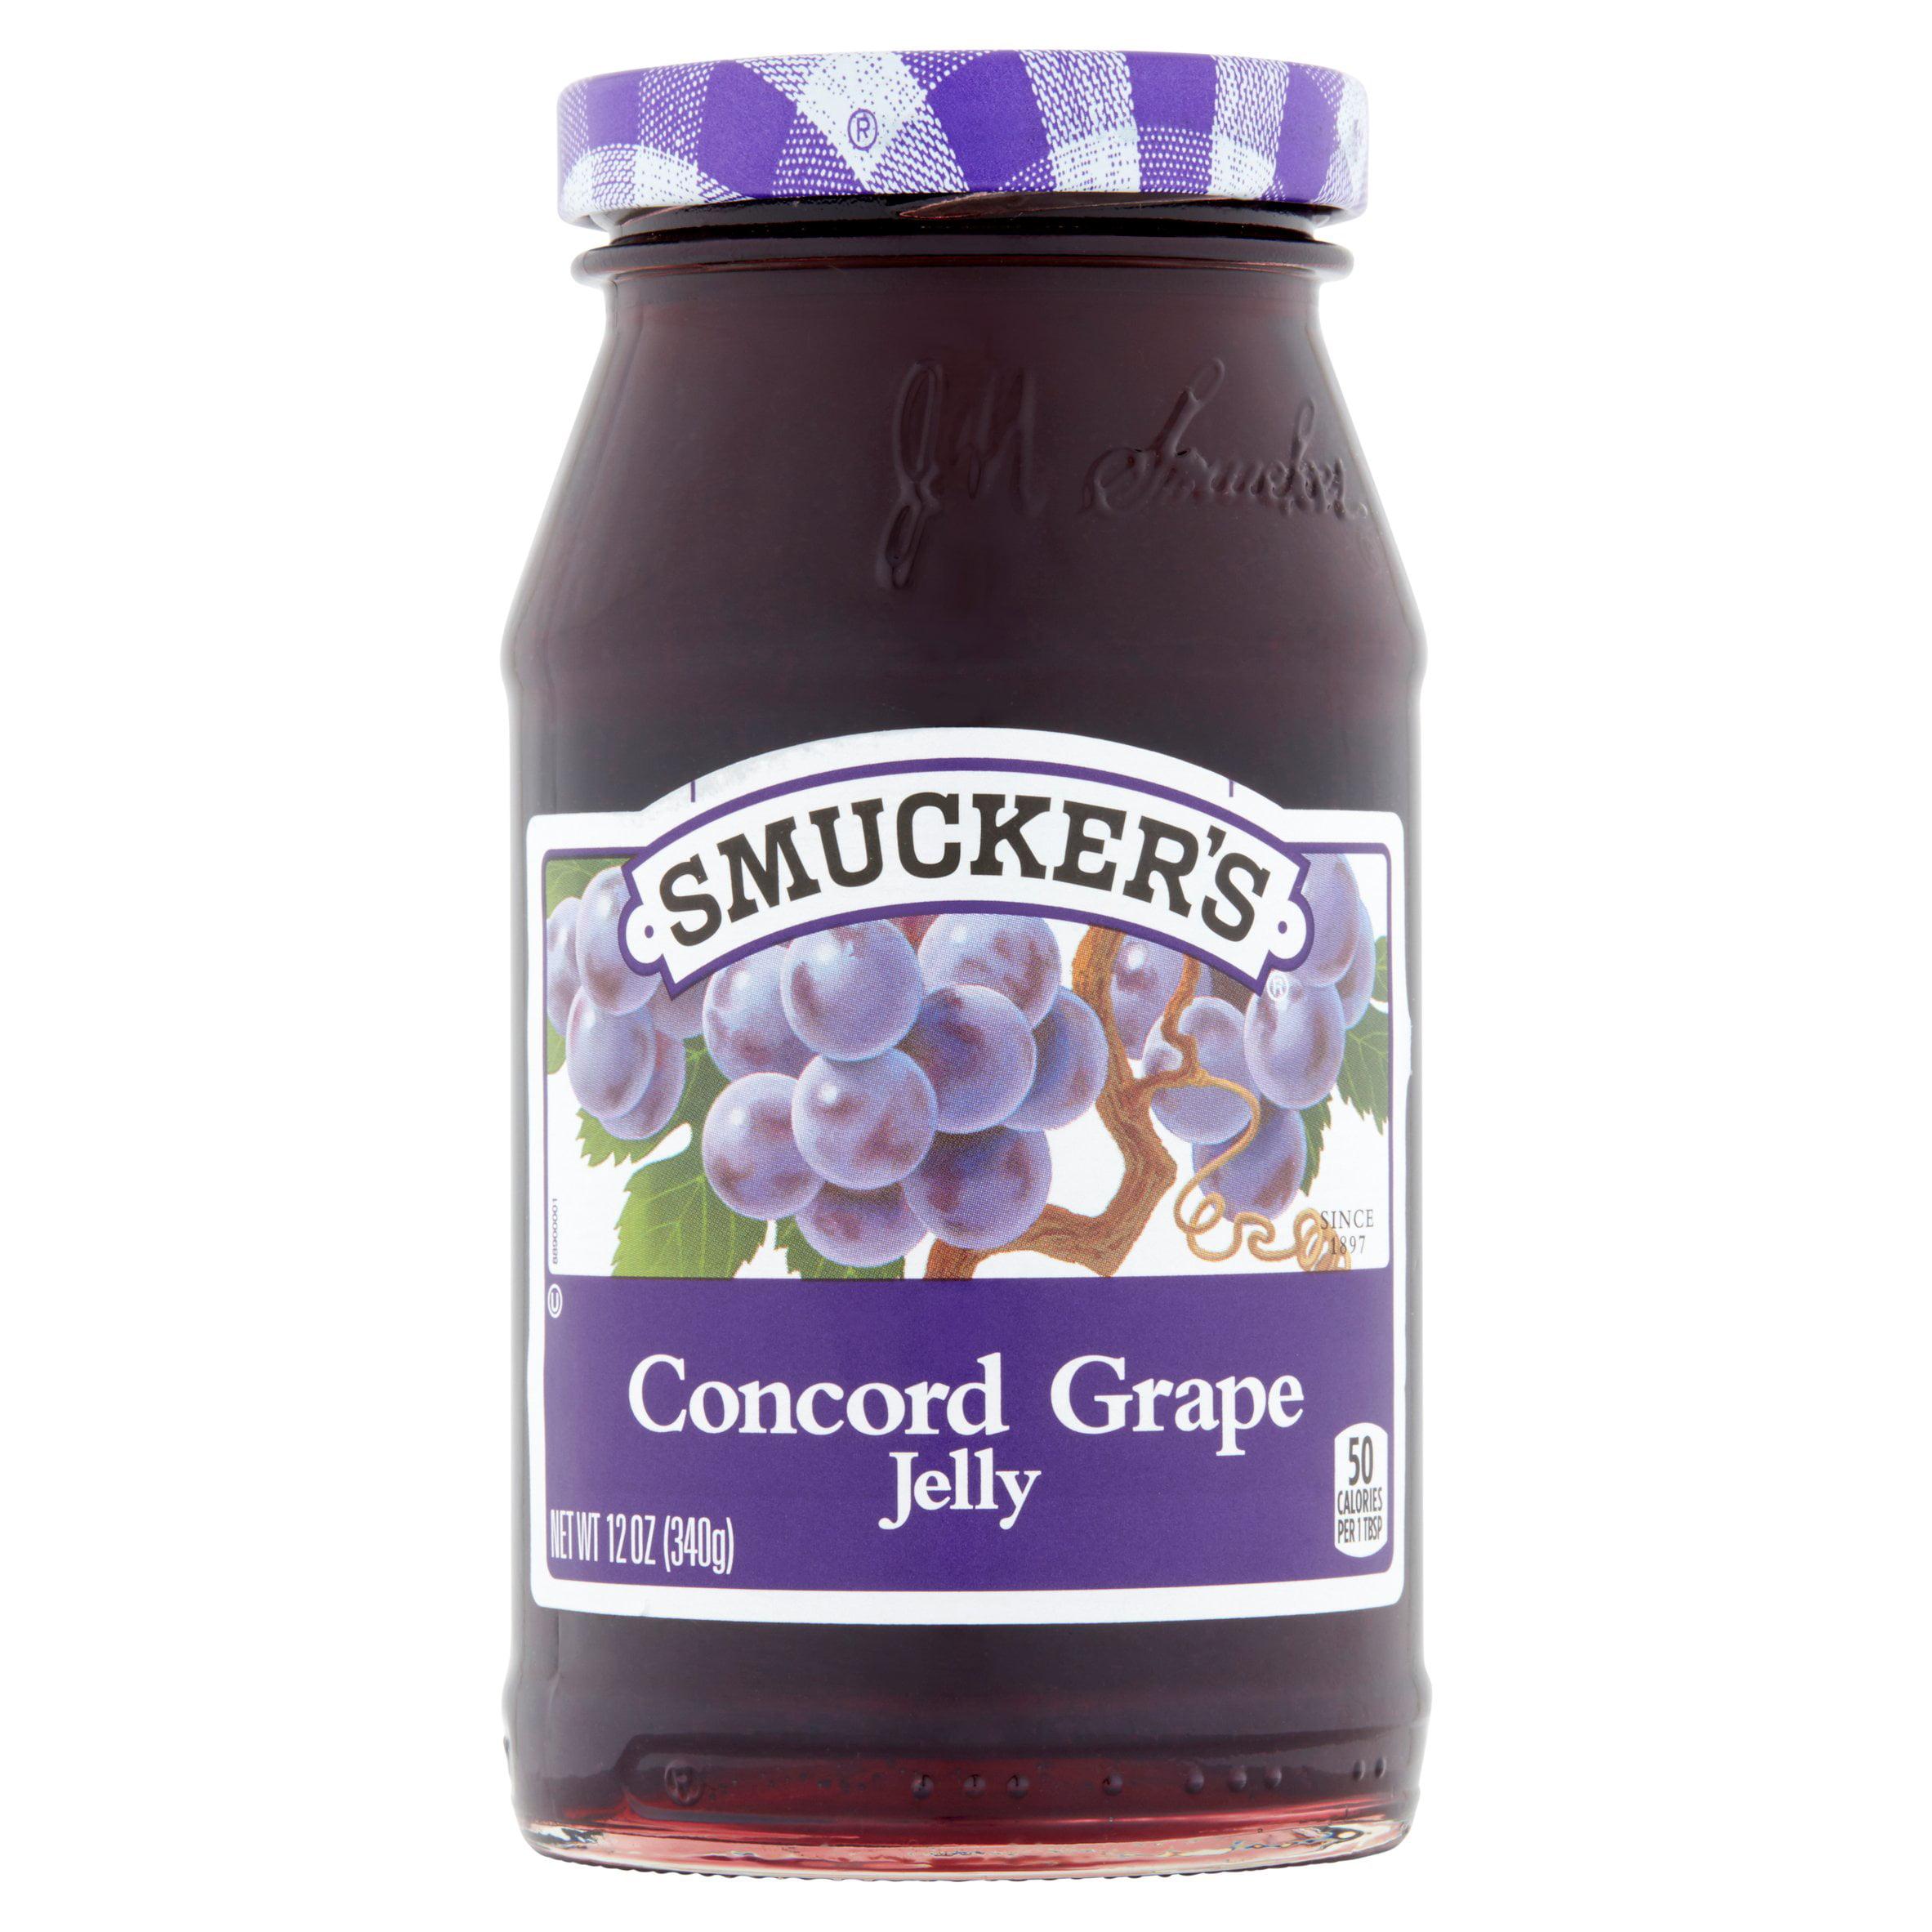 Smucker's Concord Grape Jelly, 12 oz